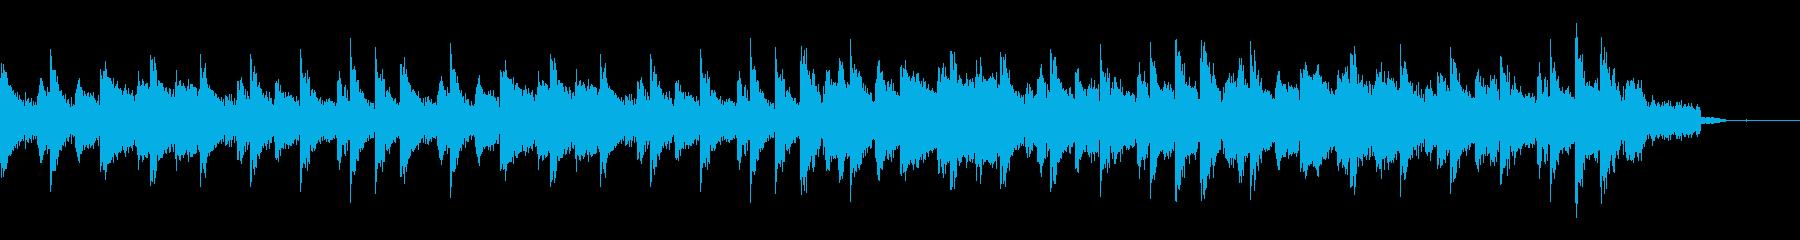 都会的場面の序章ジングル(少し長め)の再生済みの波形